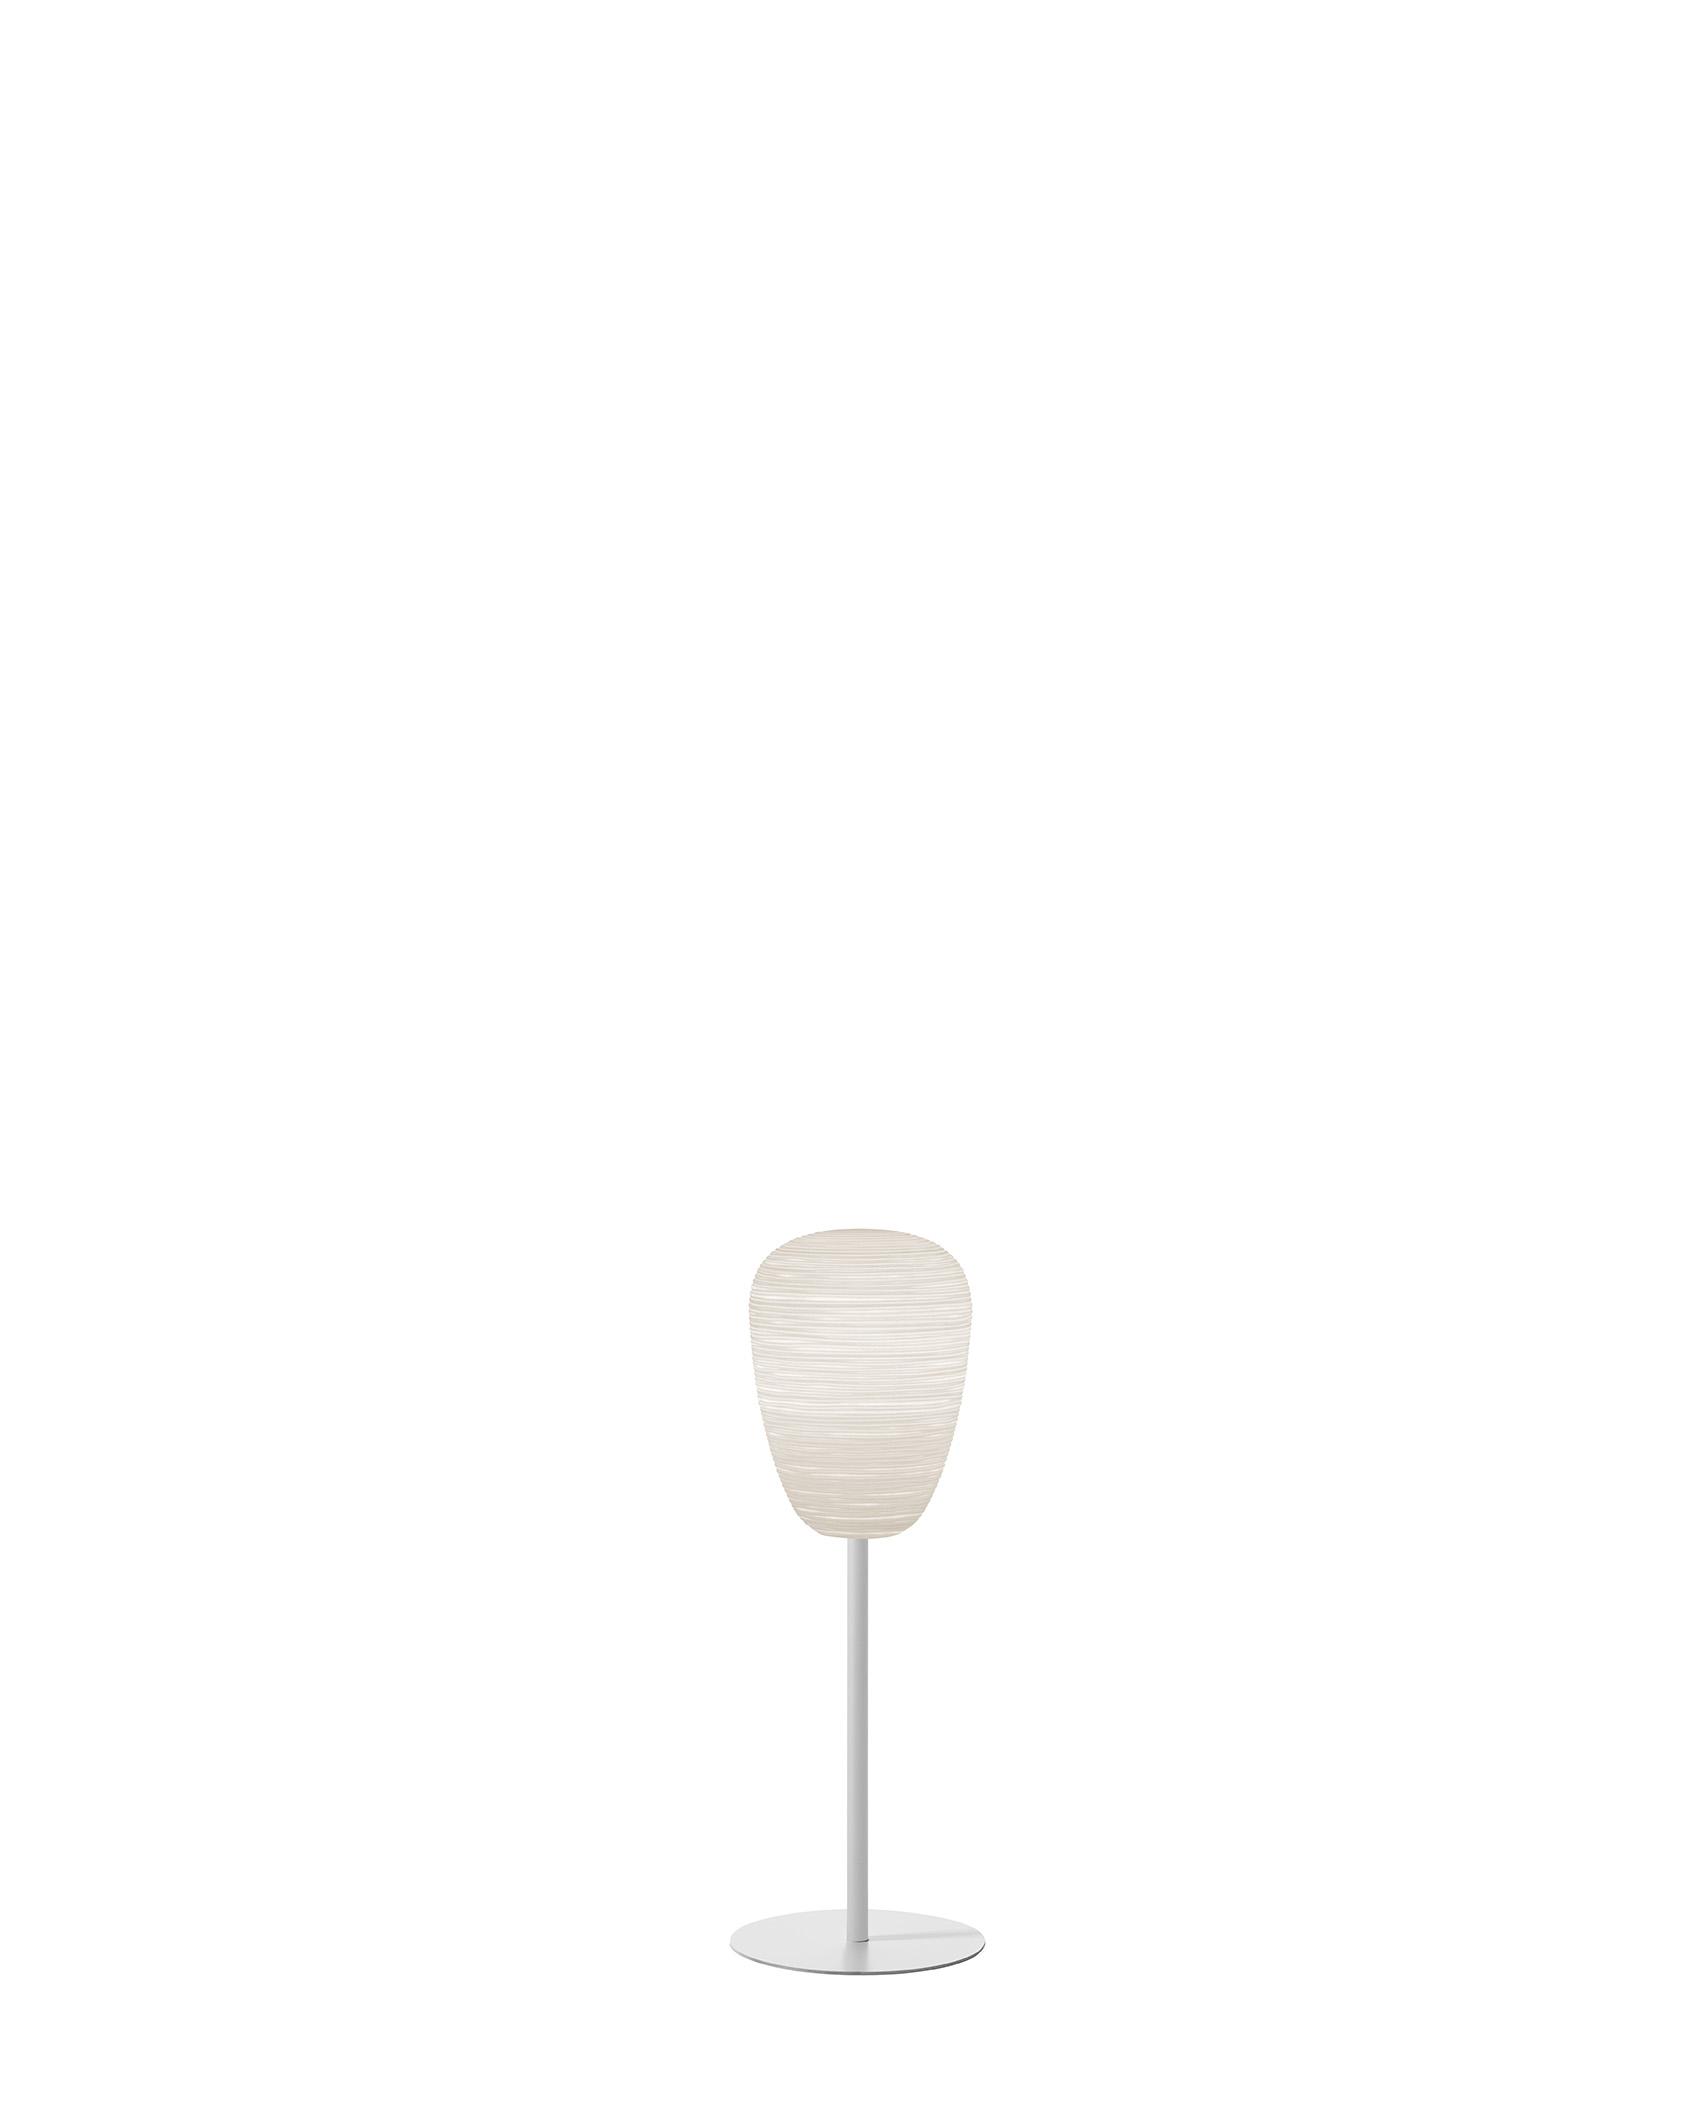 Lampada da tavolo Rituals 1 Mix&Match in vetro soffiato satinato inciso e metallo verniciato color bianco realizzata da Ludovica+Roberto Palomba per Foscarini